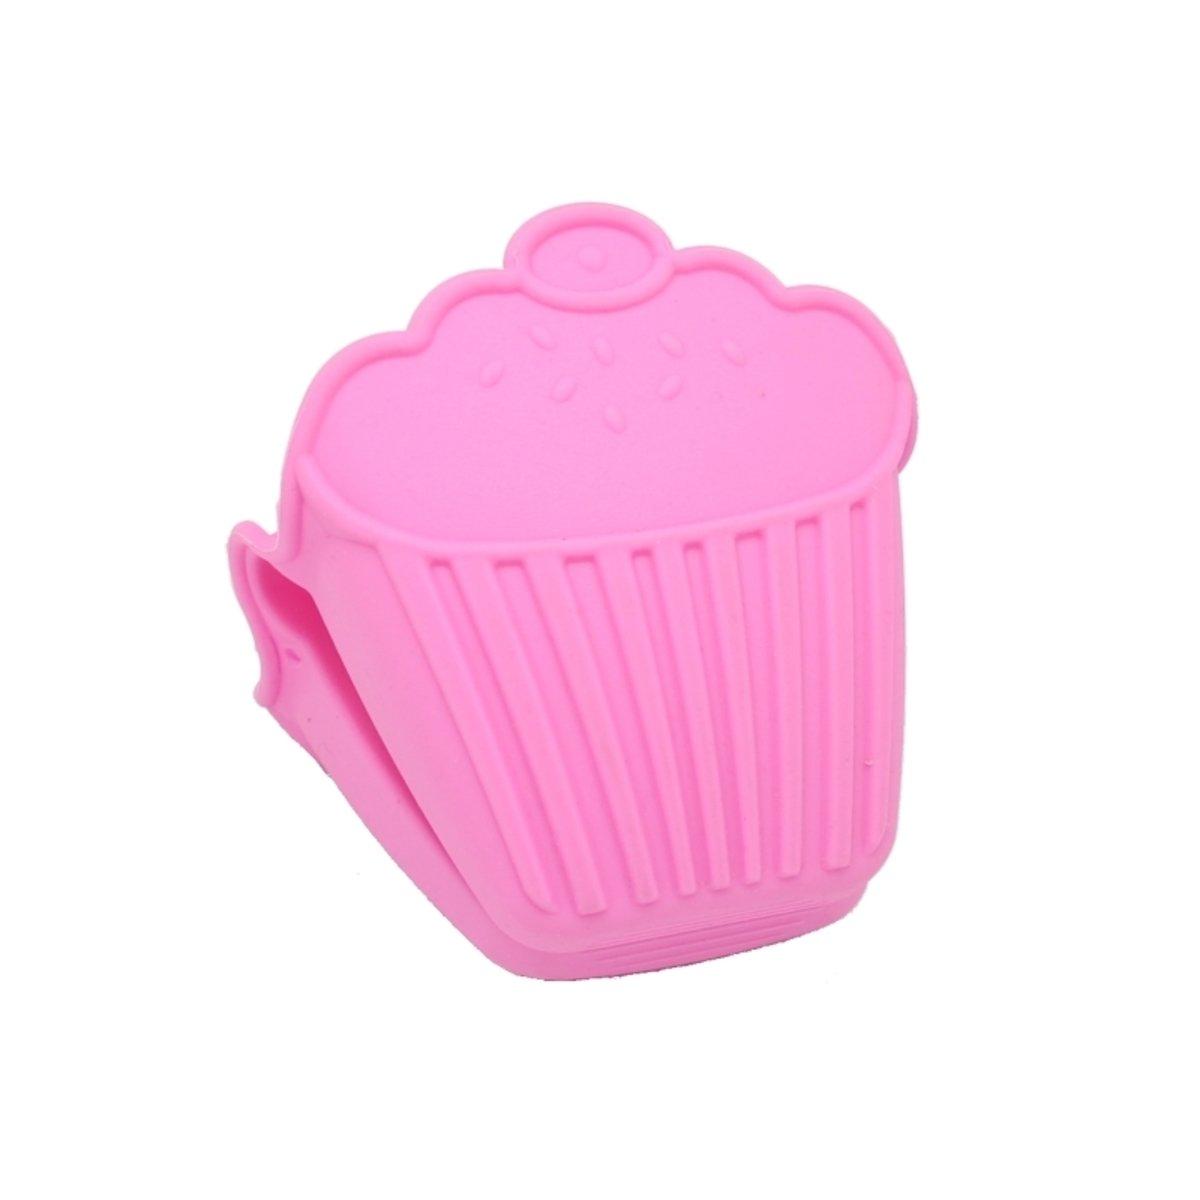 鍋耳 (硅膠)-粉紅色